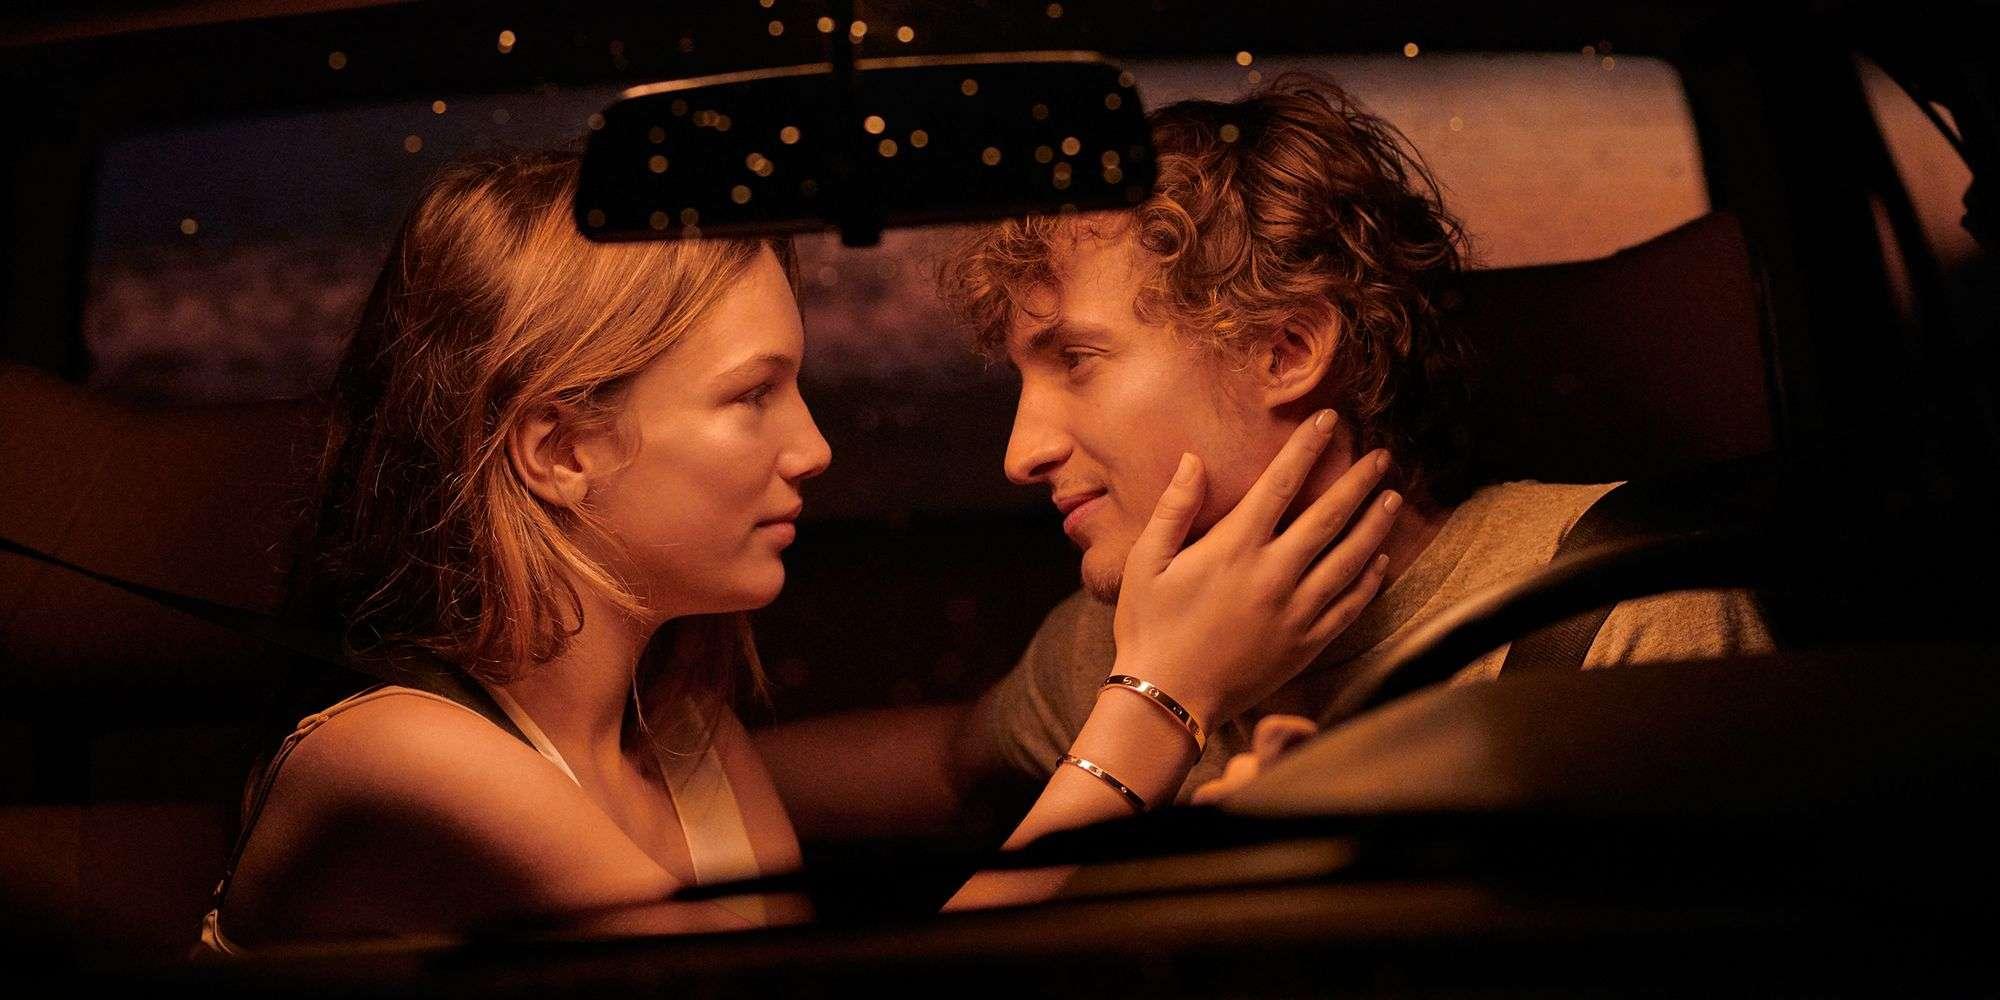 Cartier為愛,付出一切:一場公路之旅,探尋愛情永恆真諦